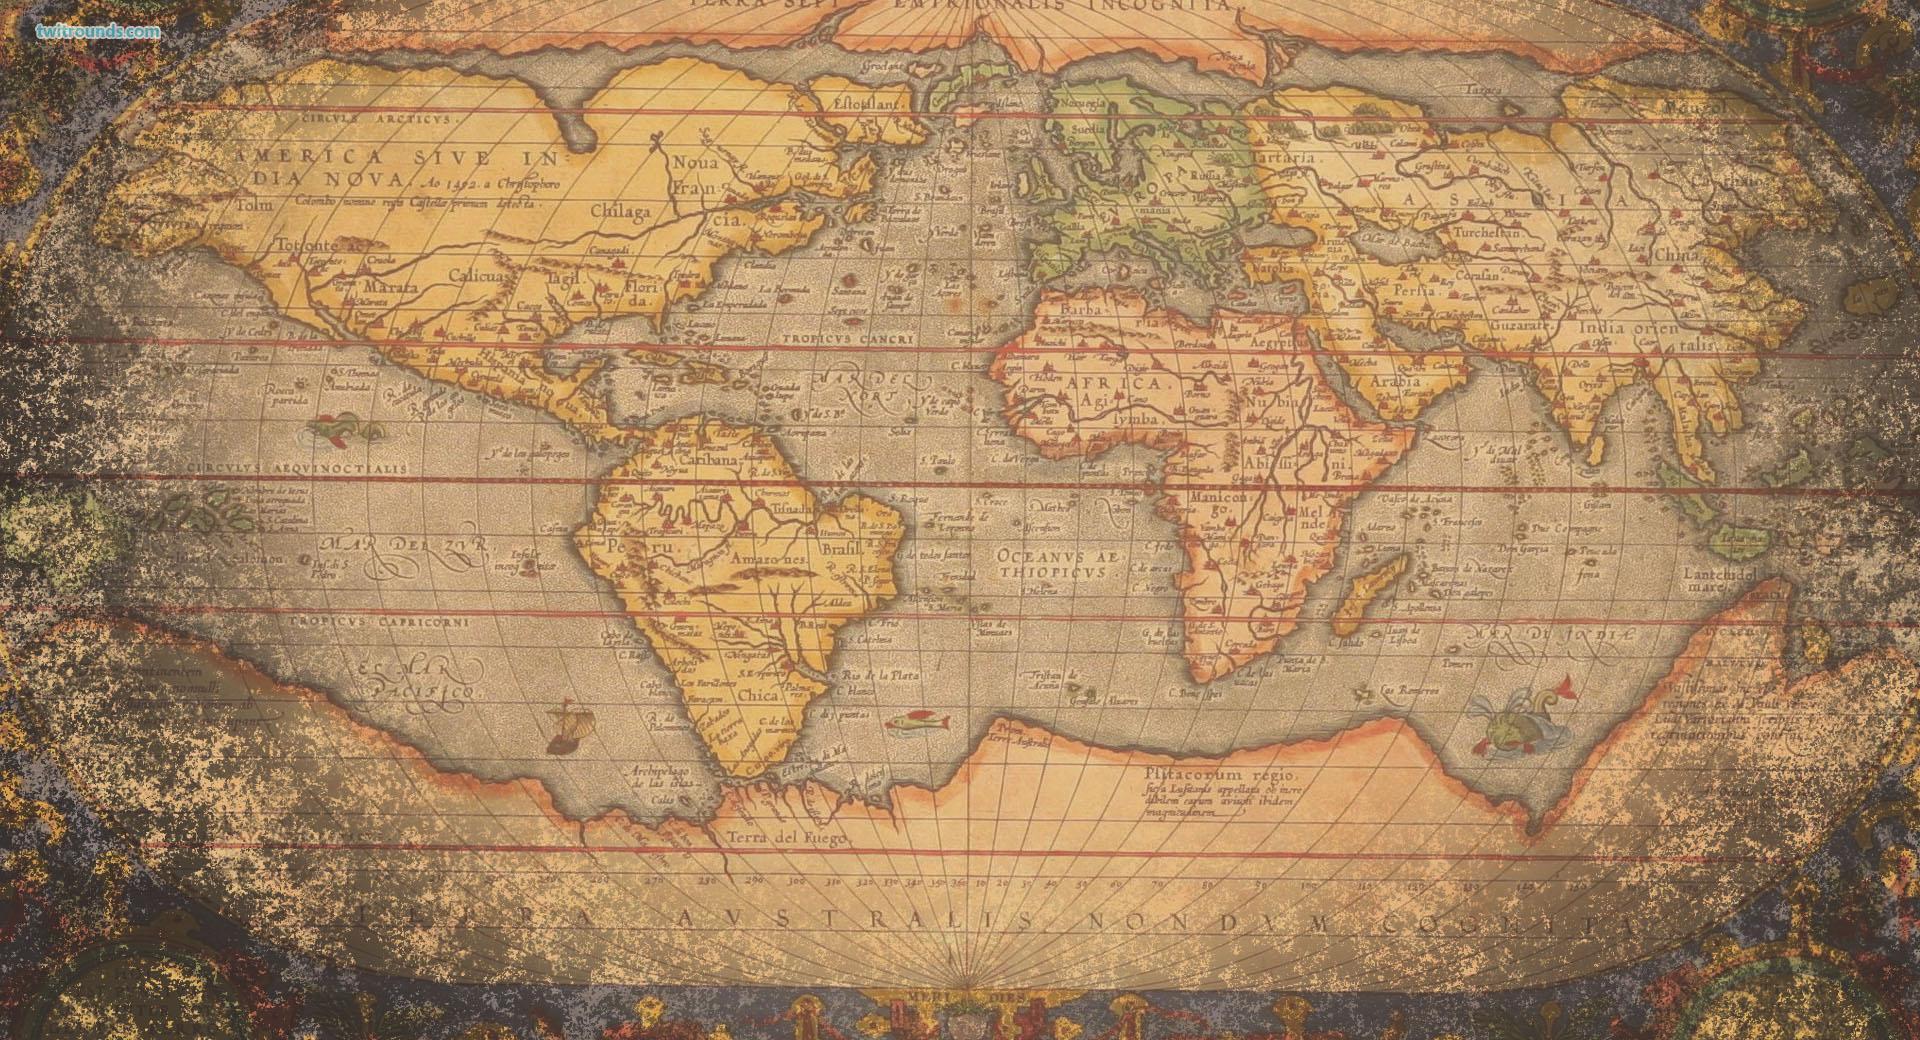 Resultados da Pesquisa de imagens do Google para http://static.tumblr.com/edu03cx/WEglm6hiz/vintage_map.jpg